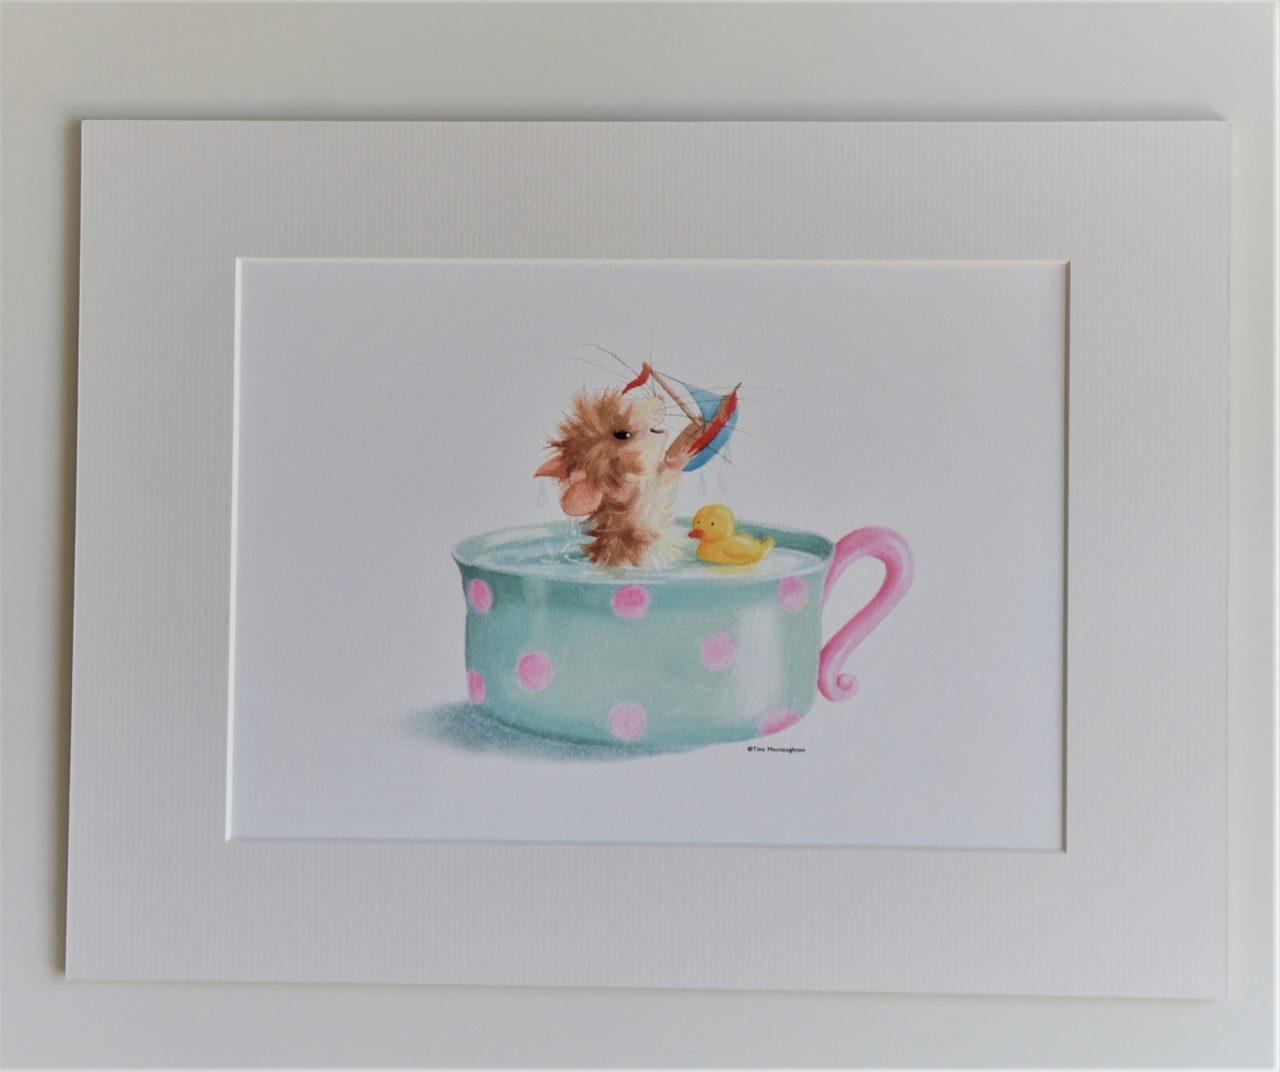 Tiffy Mouse Teacup Bath by Tina Macnaughton.